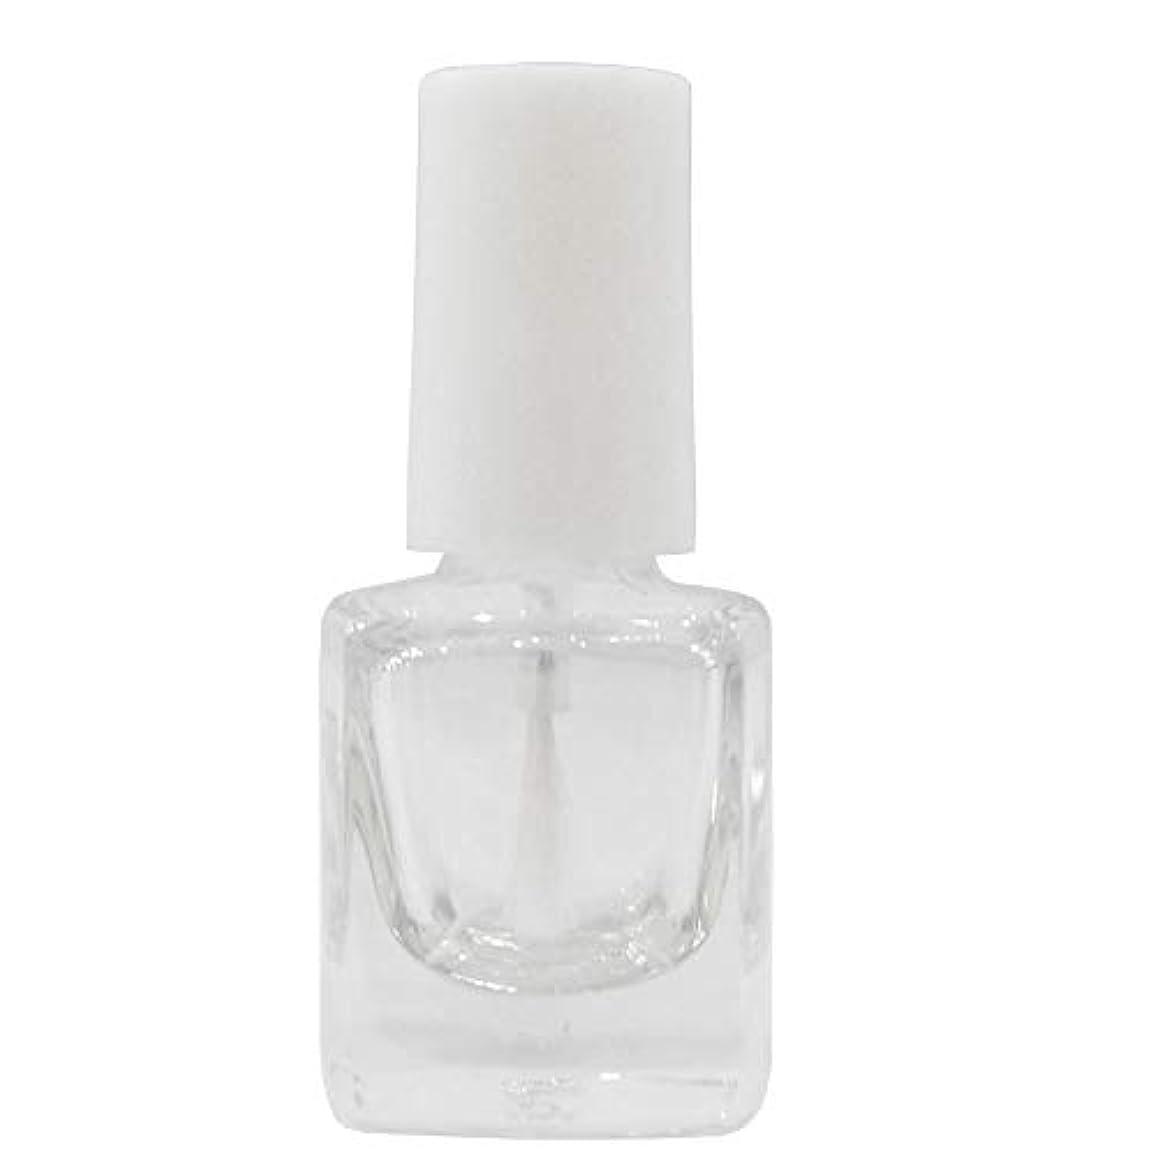 しないコンテンツ売るマニキュア空ボトル5ml用?甘皮オイルなどを小分けするのに便利なスペアボトル 人気の白い刷毛